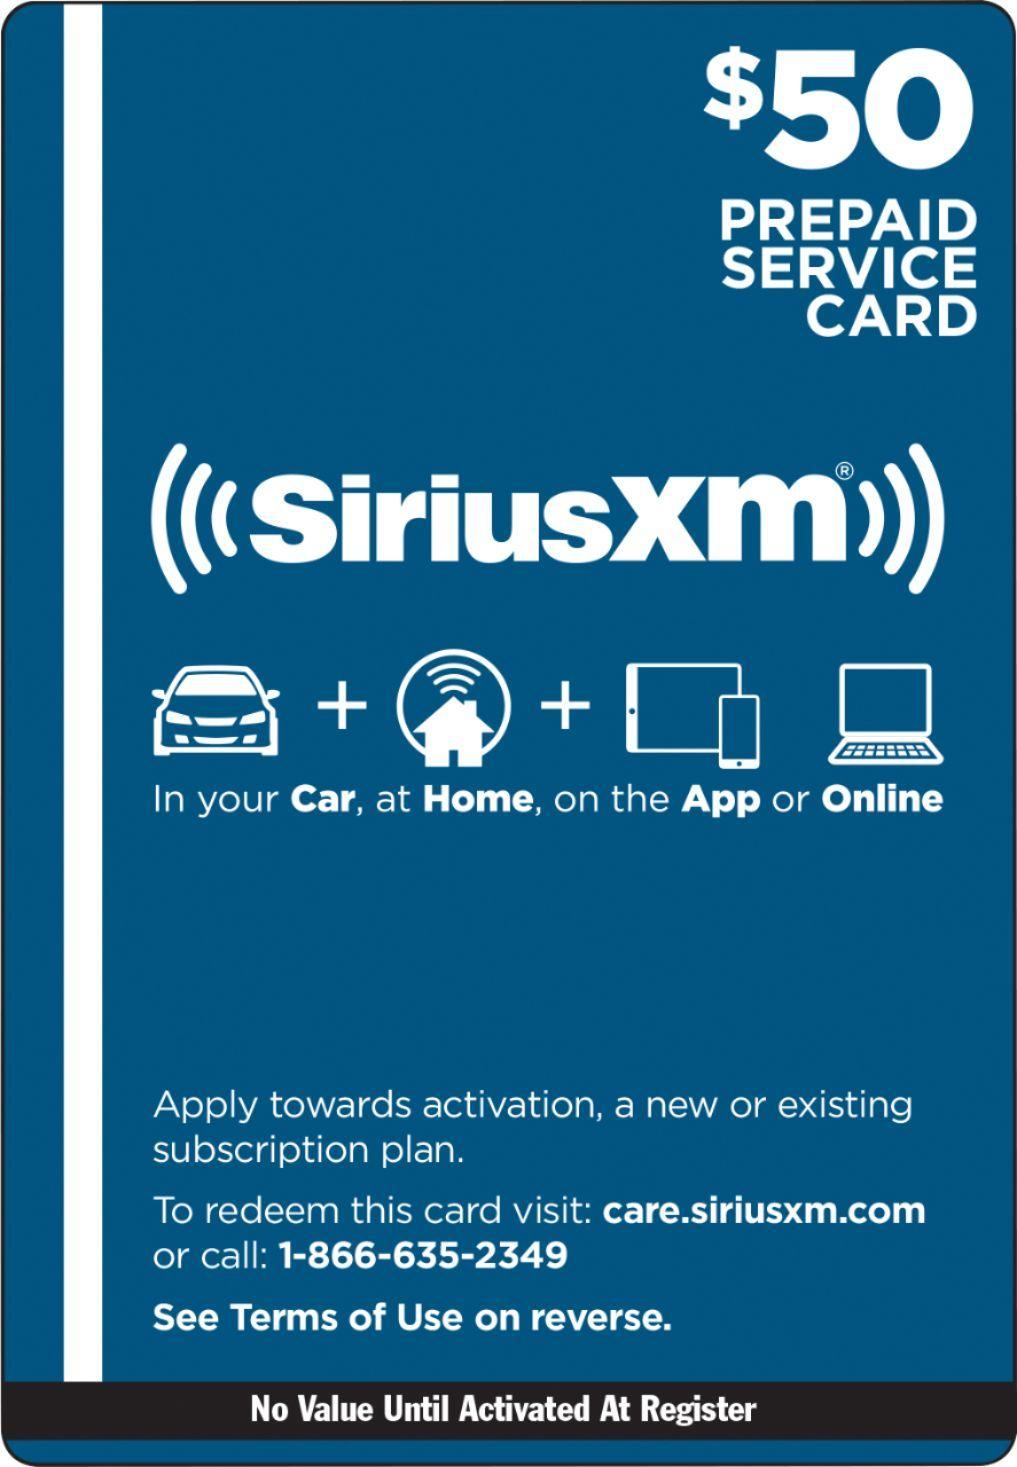 siriusxm gift card best buy